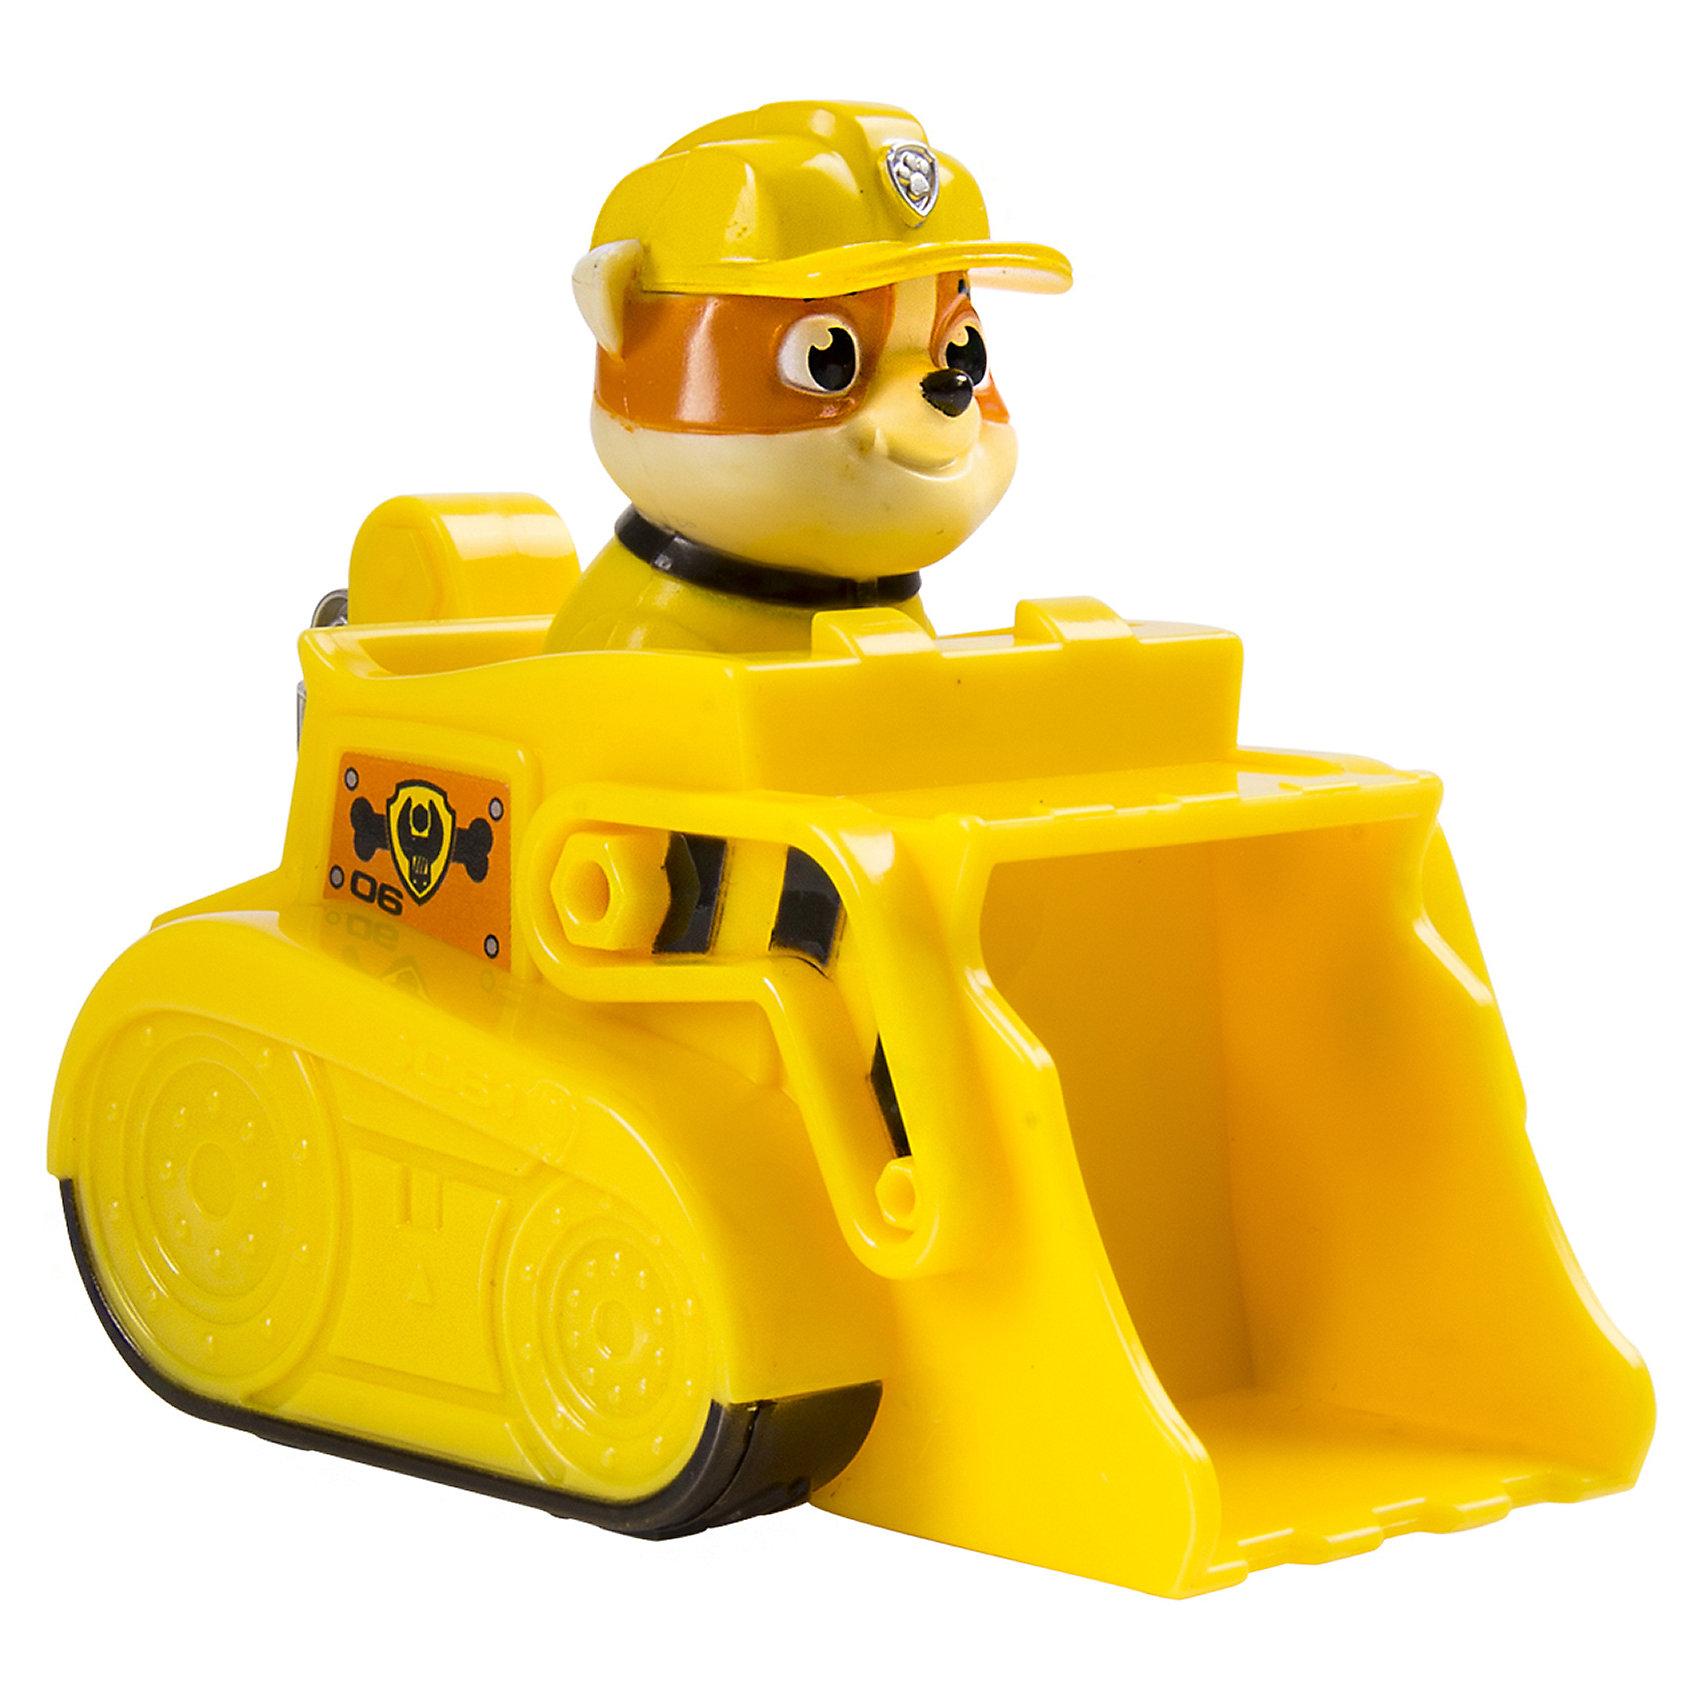 Маленькая машинка спасателя Крепыш, Щенячий патруль, Spin MasterМашинки и транспорт для малышей<br>Спасатель Крепыш на своем мощном бульдозере спешит на помощь! Любой, даже самый сложный завал будет разобран. Яркая игрушка в точности повторяет внешний облик персонажа из мультика, машина и щенок прекрасно детализированы, выполнены из высококачественных материалов. Инерционные машинки Paw Patrol достаточно отвезти назад, отпустить и они помчатся вперед, навстречу приключениям. Собери всех героев из серии Paw Patrol (Щенячий патруль), проигрывай сцены из мультфильма или придумывай свои новые истории. <br><br>Дополнительная информация:<br><br>- Длина машинки: 9 см.<br>- Фигурка героя несъемная.<br>- Материал: пластик.<br><br>Маленькую машинку спасателя Крепыша, Щенячий патруль, Spin Master(Спин Мастер) можно купить в нашем магазине.<br><br>Ширина мм: 100<br>Глубина мм: 45<br>Высота мм: 90<br>Вес г: 1146<br>Возраст от месяцев: 36<br>Возраст до месяцев: 72<br>Пол: Мужской<br>Возраст: Детский<br>SKU: 4004745